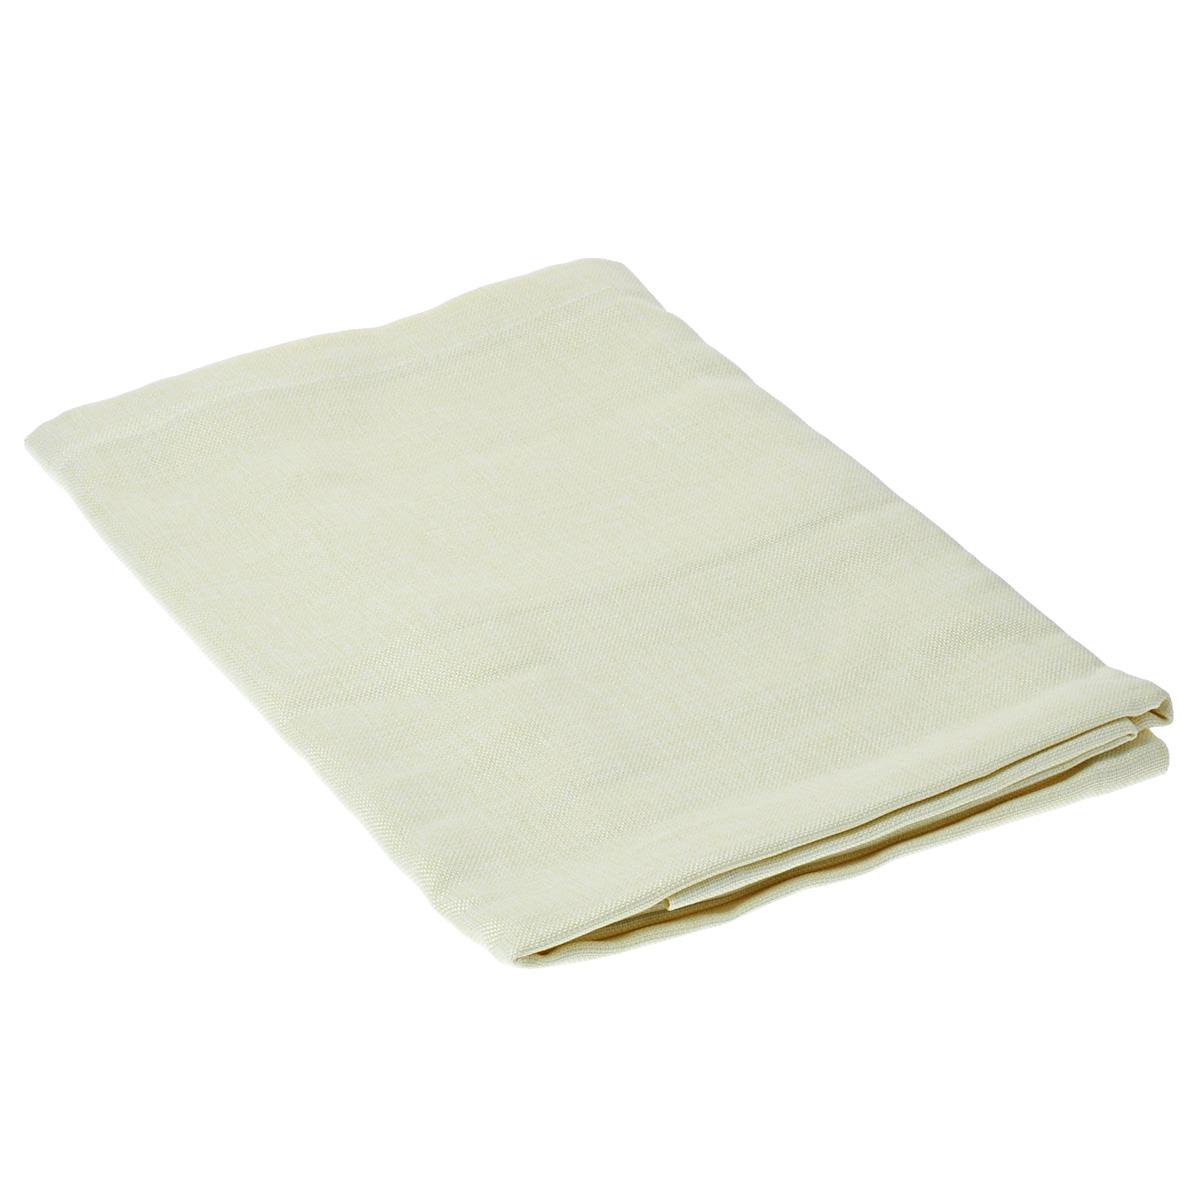 Дорожка для декорирования стола Schaefer, прямоугольная, цвет: светло-бежевый, 50 x 140 см 41294129/Fb.33-50*140Дорожка Schaefer выполнена из высококачественного полиэстера. Вы можете использовать дорожку для декорирования стола, комода или журнального столика.Благодаря такой дорожке вы защитите поверхность мебели от воды, пятен и механических воздействий, а также создадите атмосферу уюта и домашнего тепла в интерьере вашей квартиры. Изделия из искусственных волокон легко стирать: они не мнутся, не садятся и быстро сохнут, они более долговечны, чем изделия из натуральных волокон. Изысканный текстиль от немецкой компании Schaefer - это красота, стиль и уют в вашем доме. Дорожка органично впишется в интерьер любого помещения, а оригинальный дизайн удовлетворит даже самый изысканный вкус. Дарите себе и близким красоту каждый день!